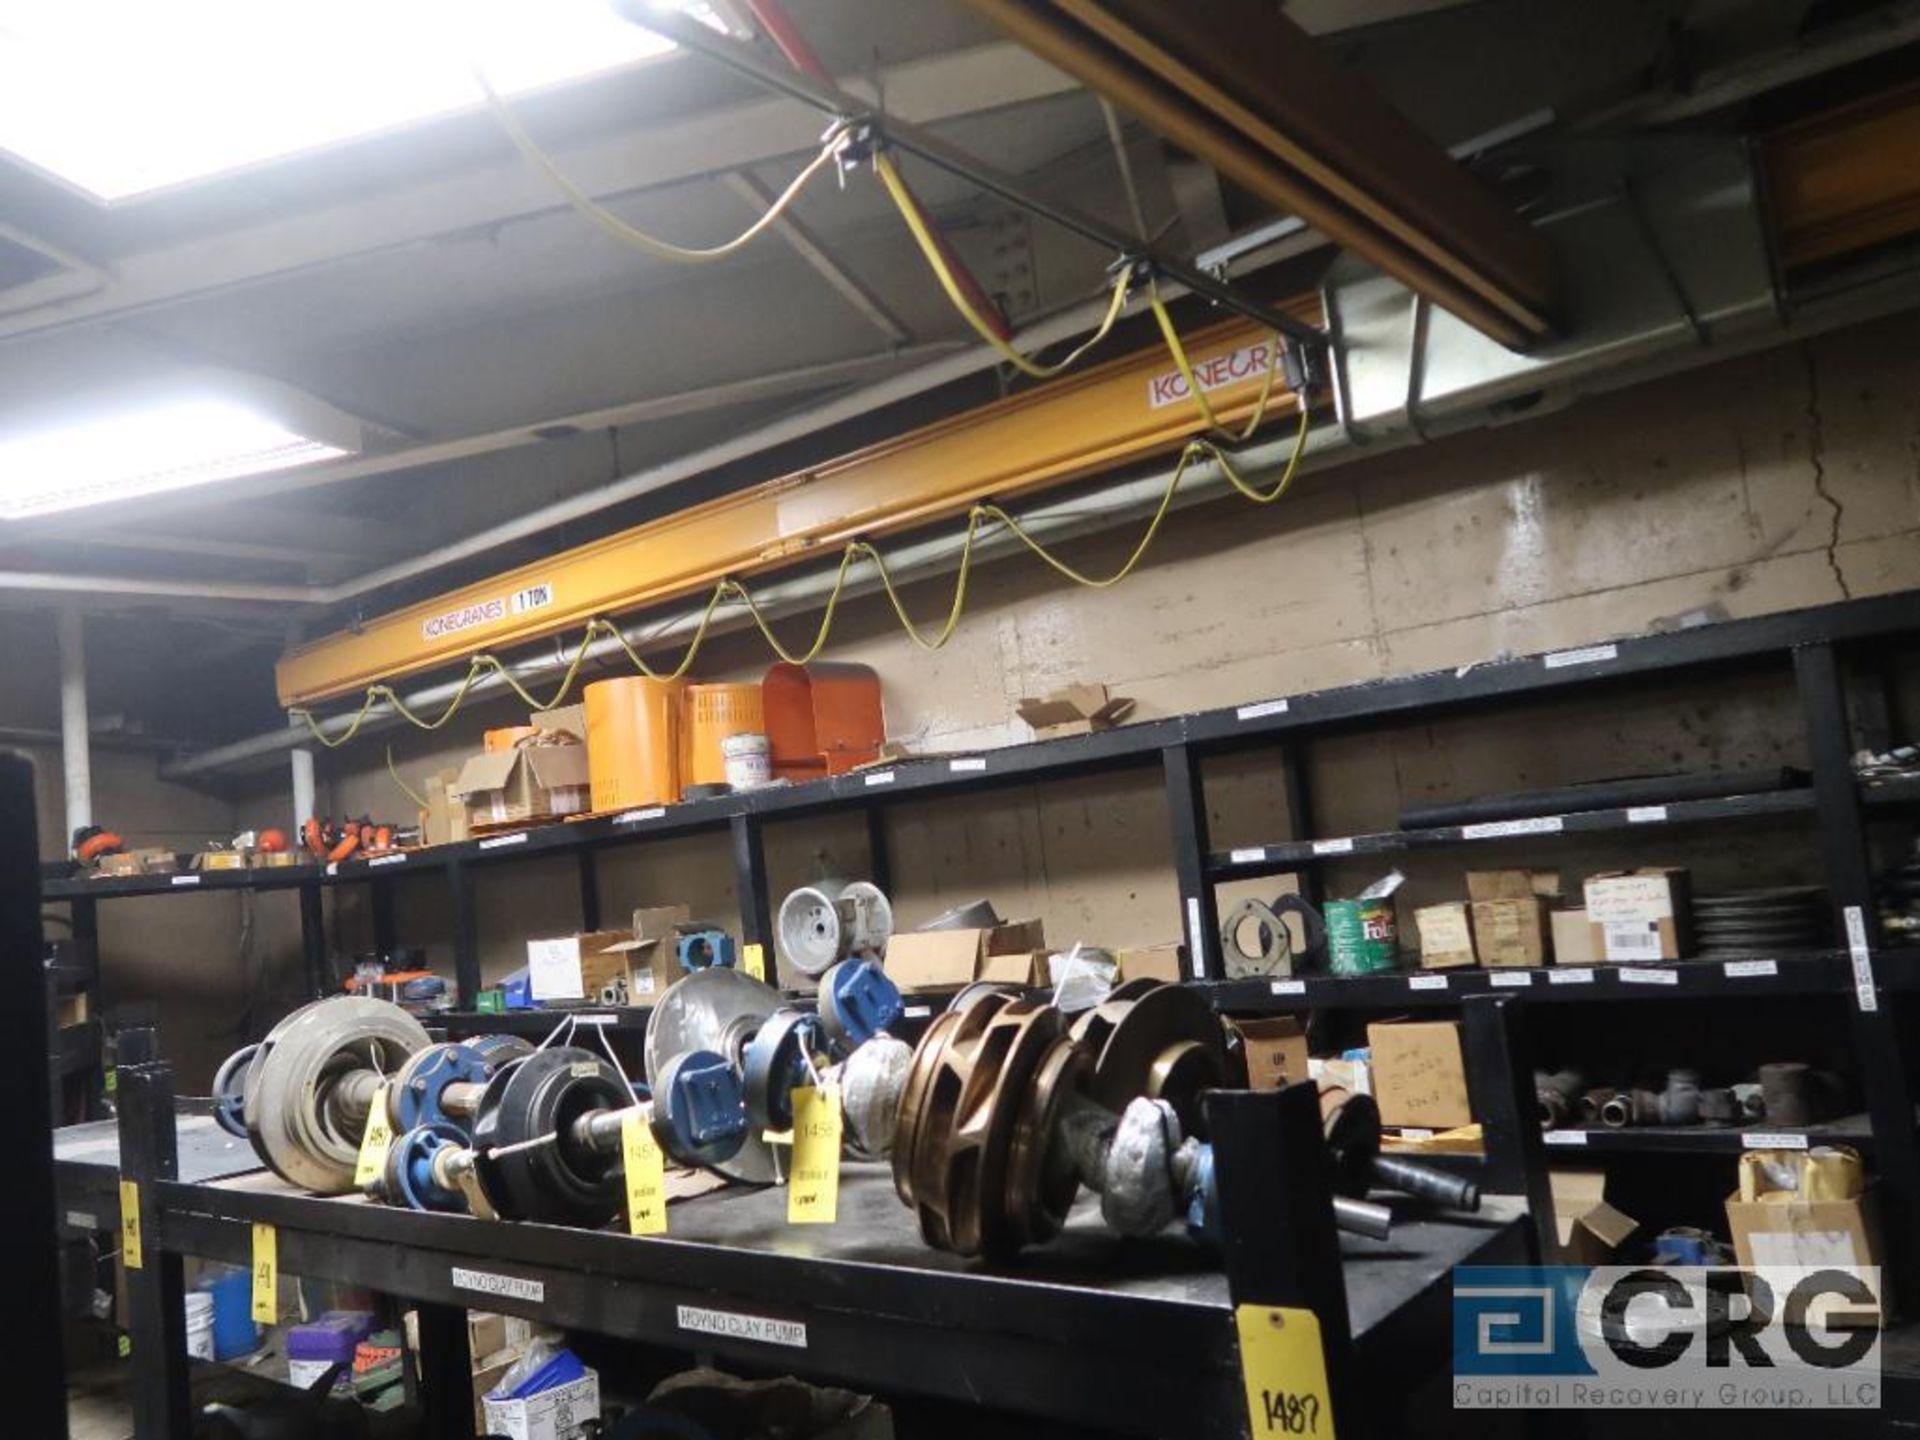 Konecrane bridge crane with coffin, JLC electric chain hoist, 16 ft. W x 22 ft. L, 1 ton cap. ( - Image 3 of 3